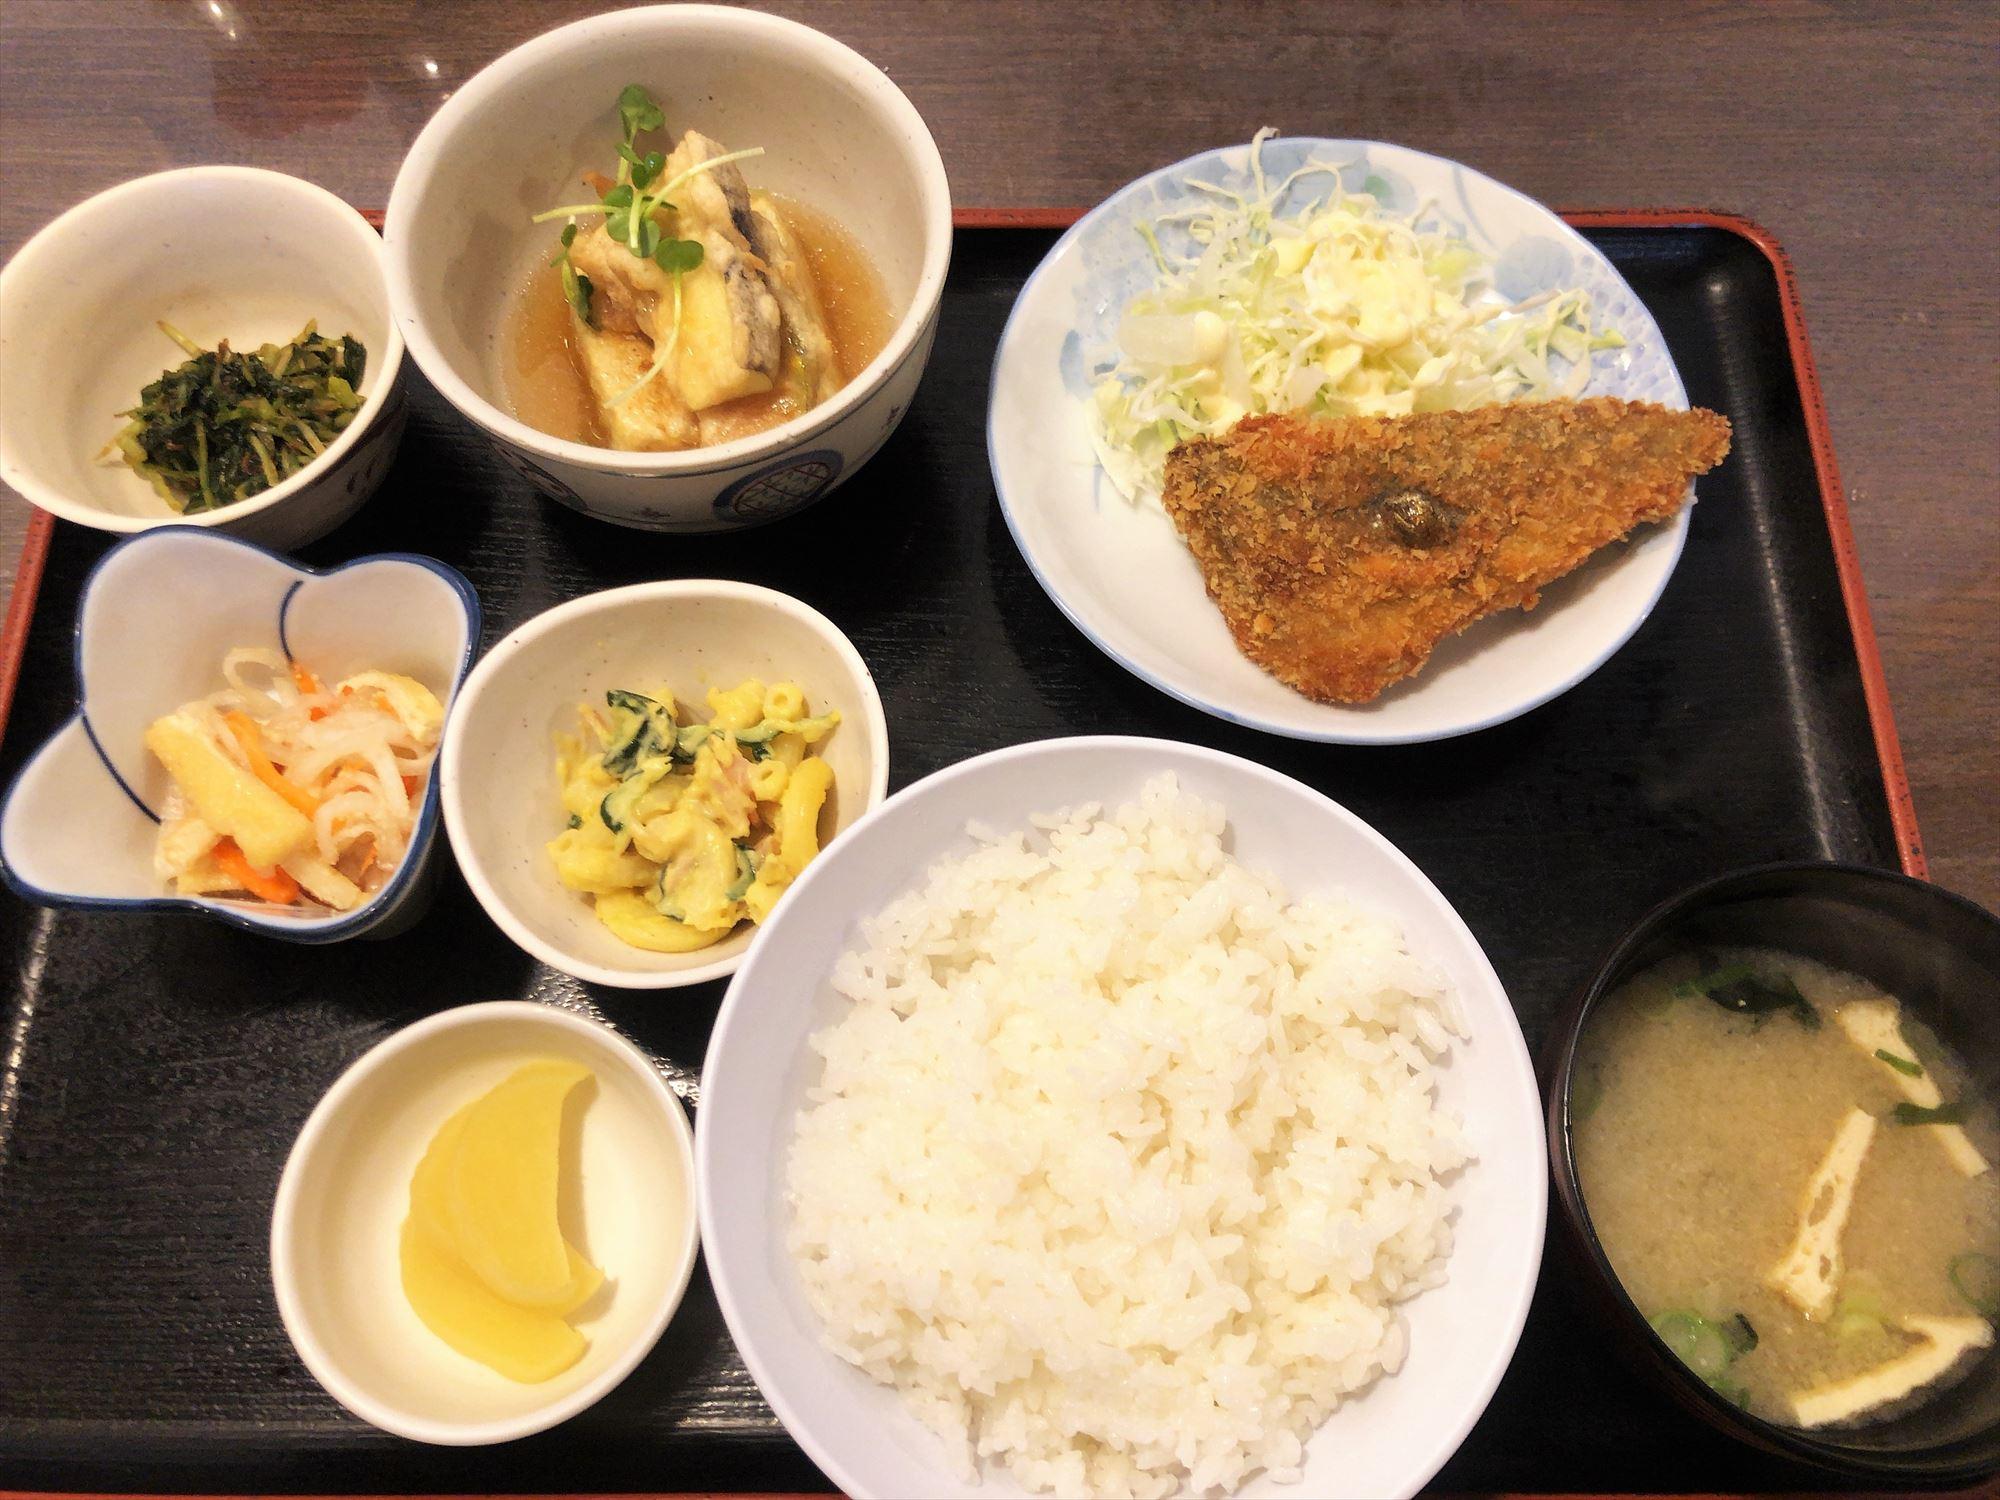 定食の店 五郎八「日替りランチ」